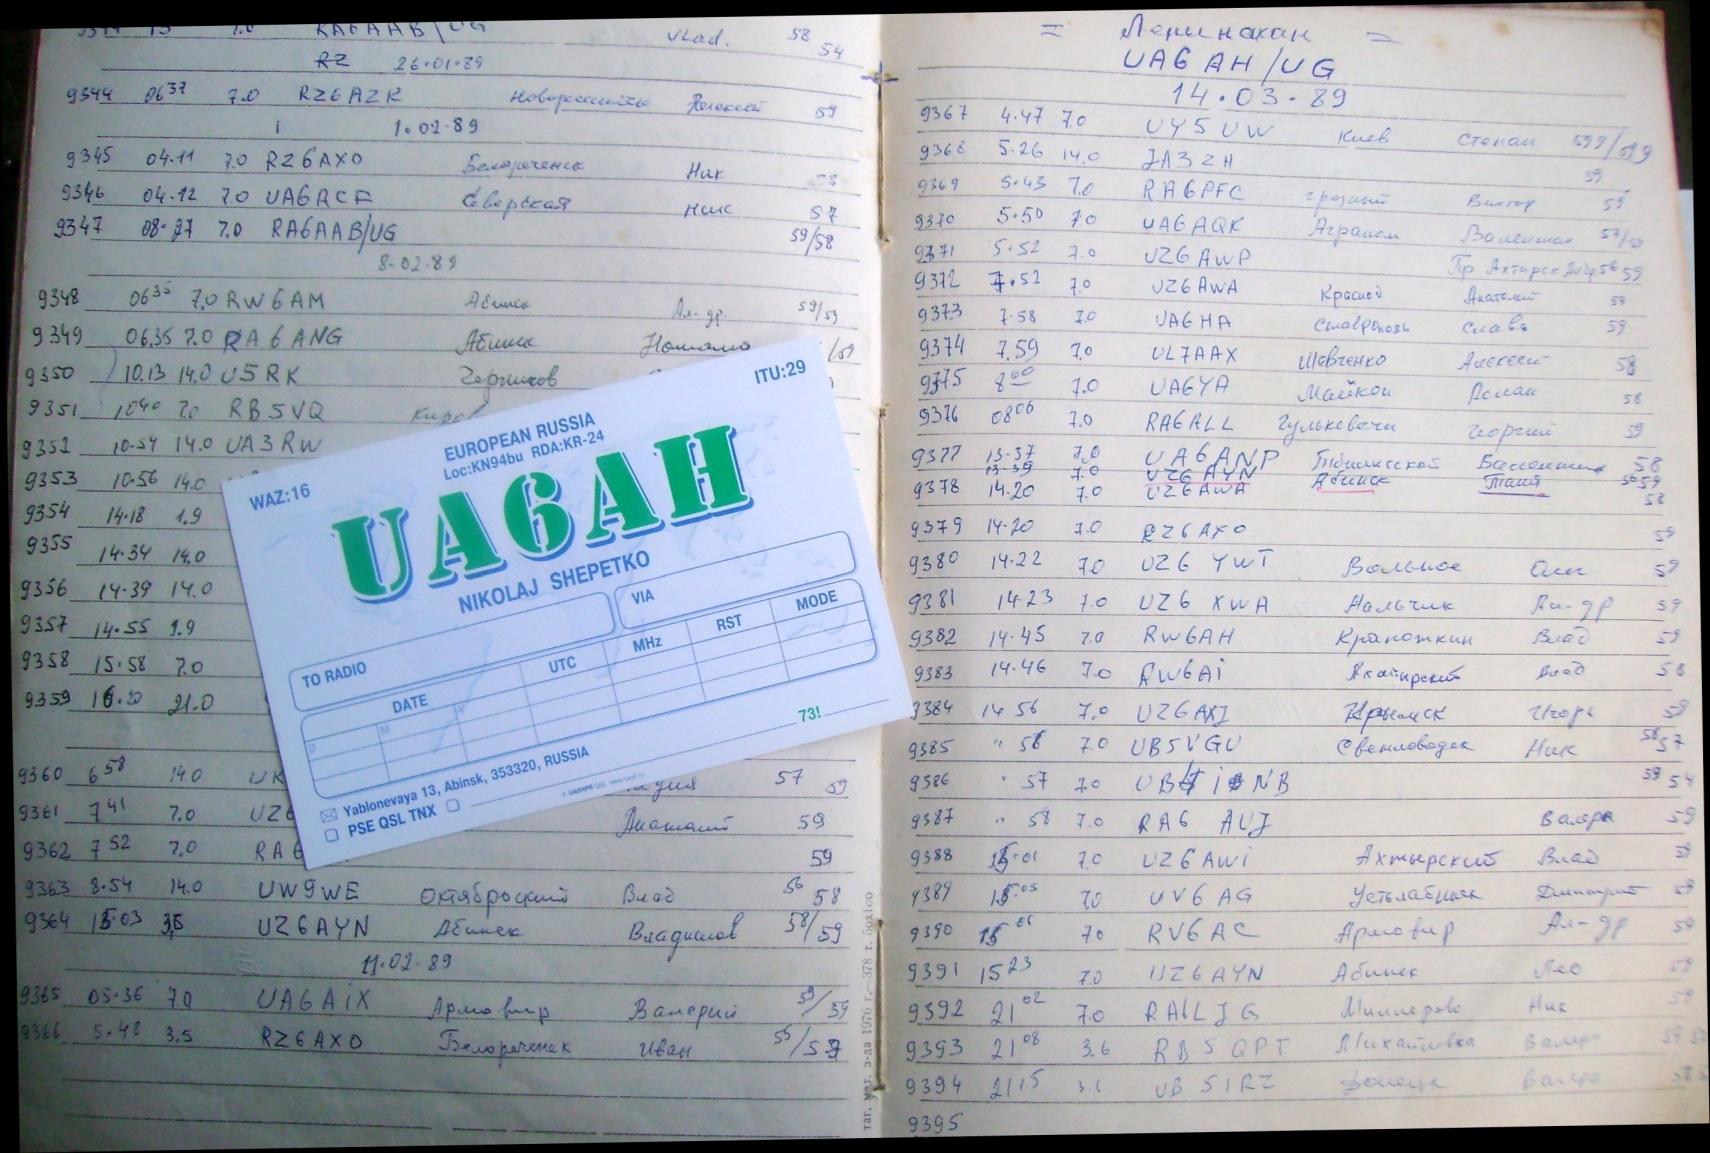 Нажмите на изображение для увеличения.  Название:UA6AH-UG-1989-log-1.jpg Просмотров:1 Размер:889.8 Кб ID:231014